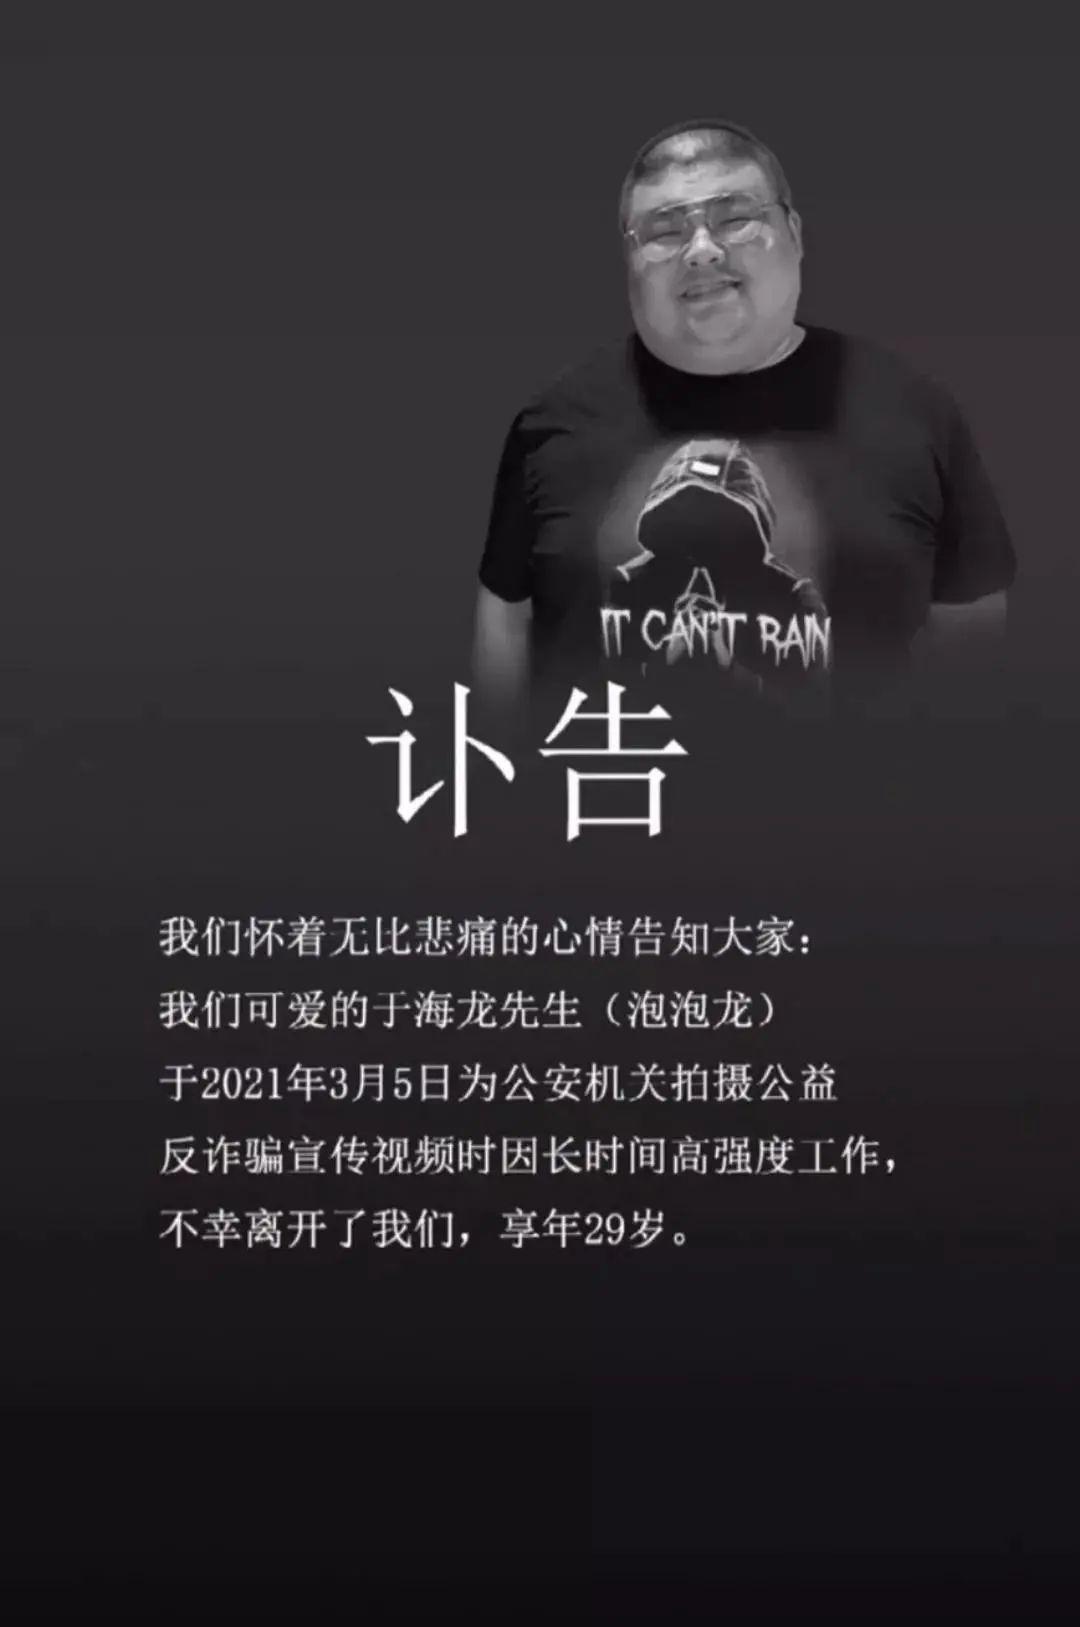 又一噩耗!中国台湾著名男模张志轩去世,年仅23岁